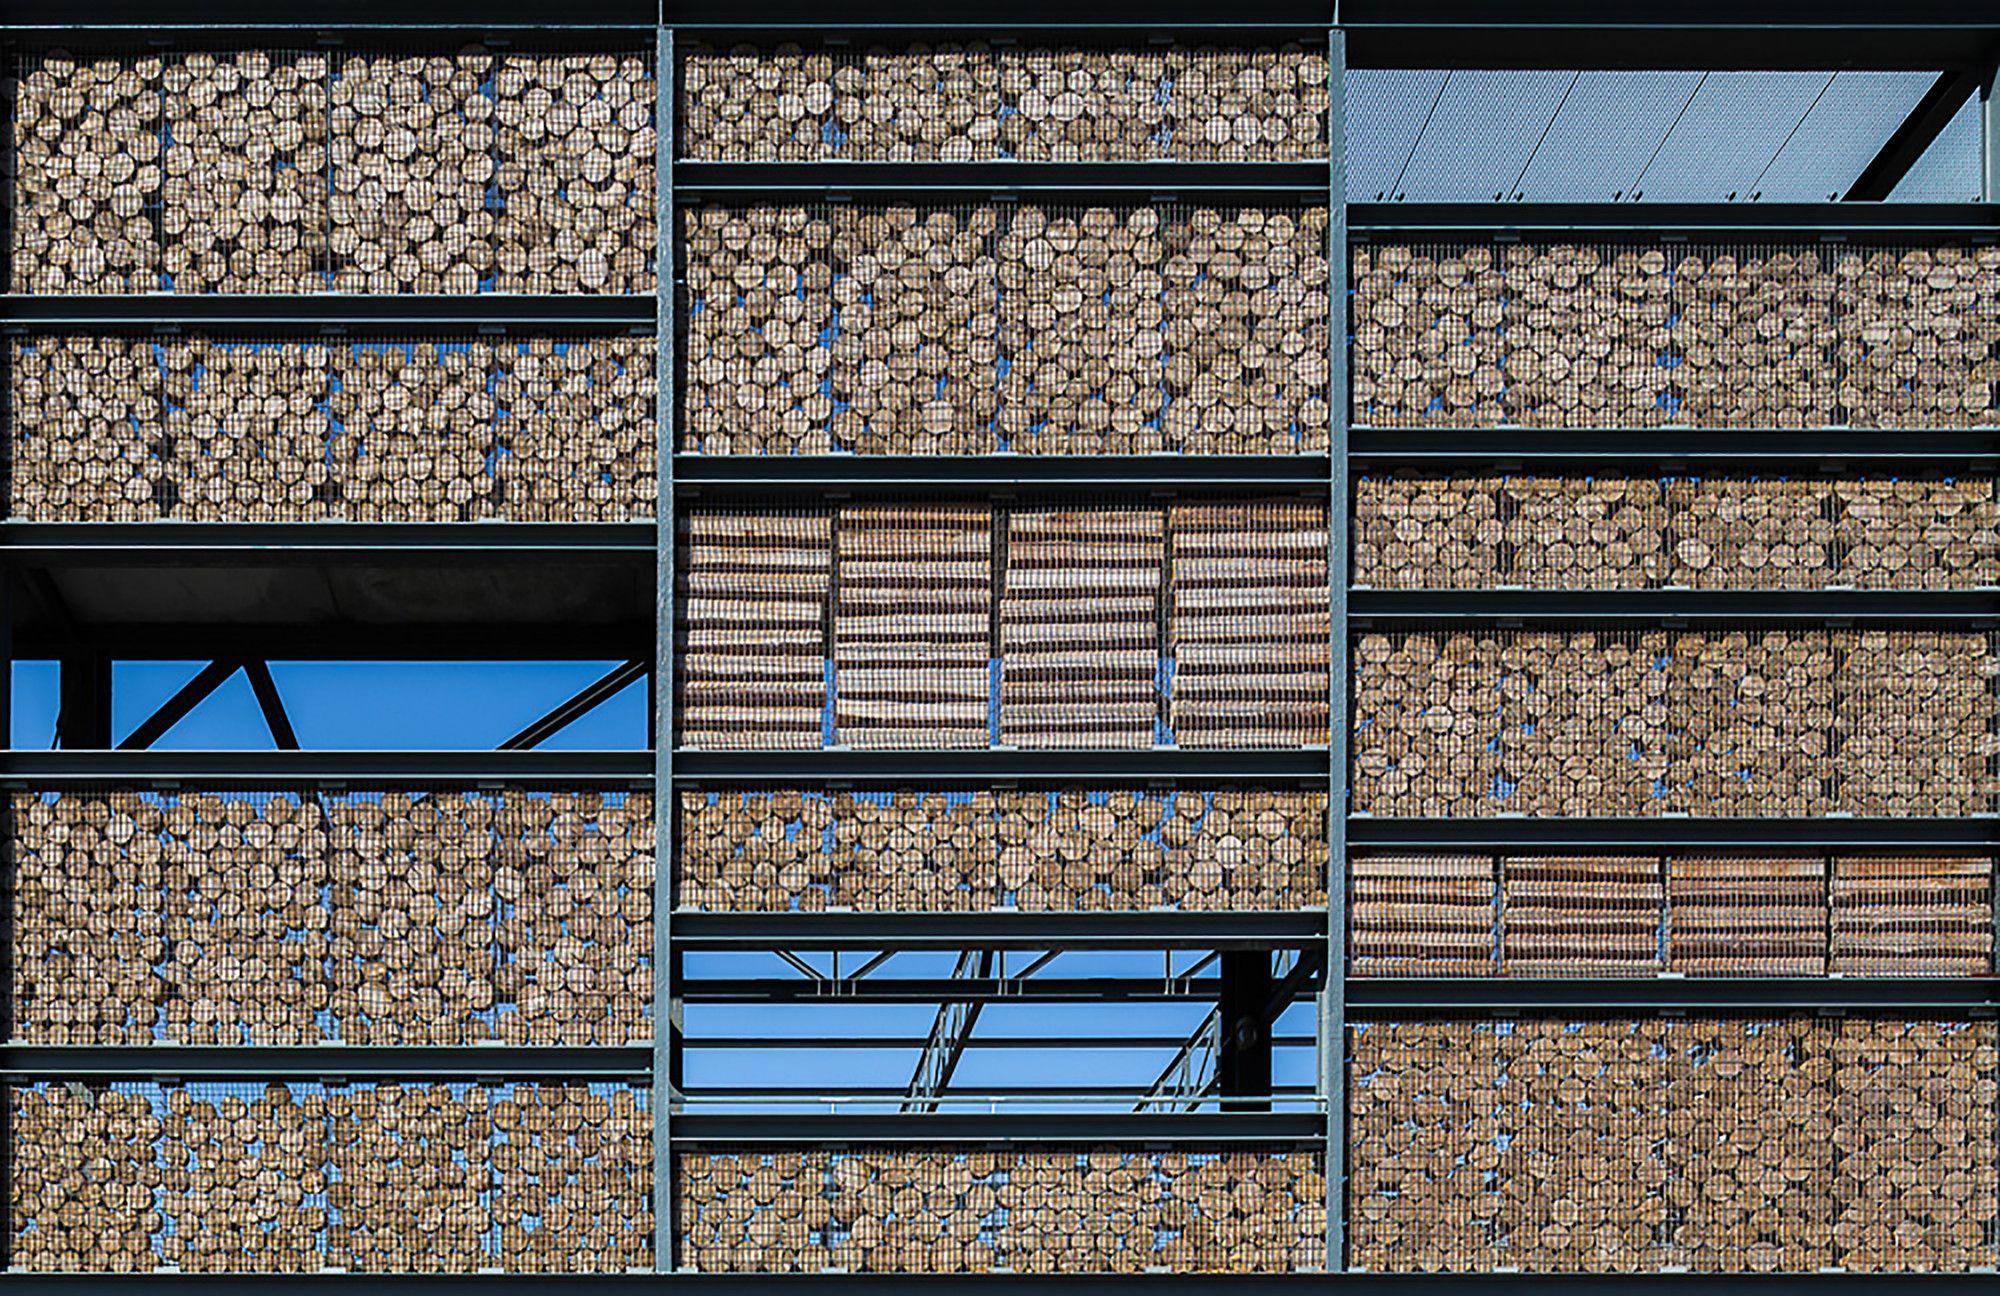 Galeria - Central de Geração de Energias Barcelona Sur / Forgas Arquitectes - 3